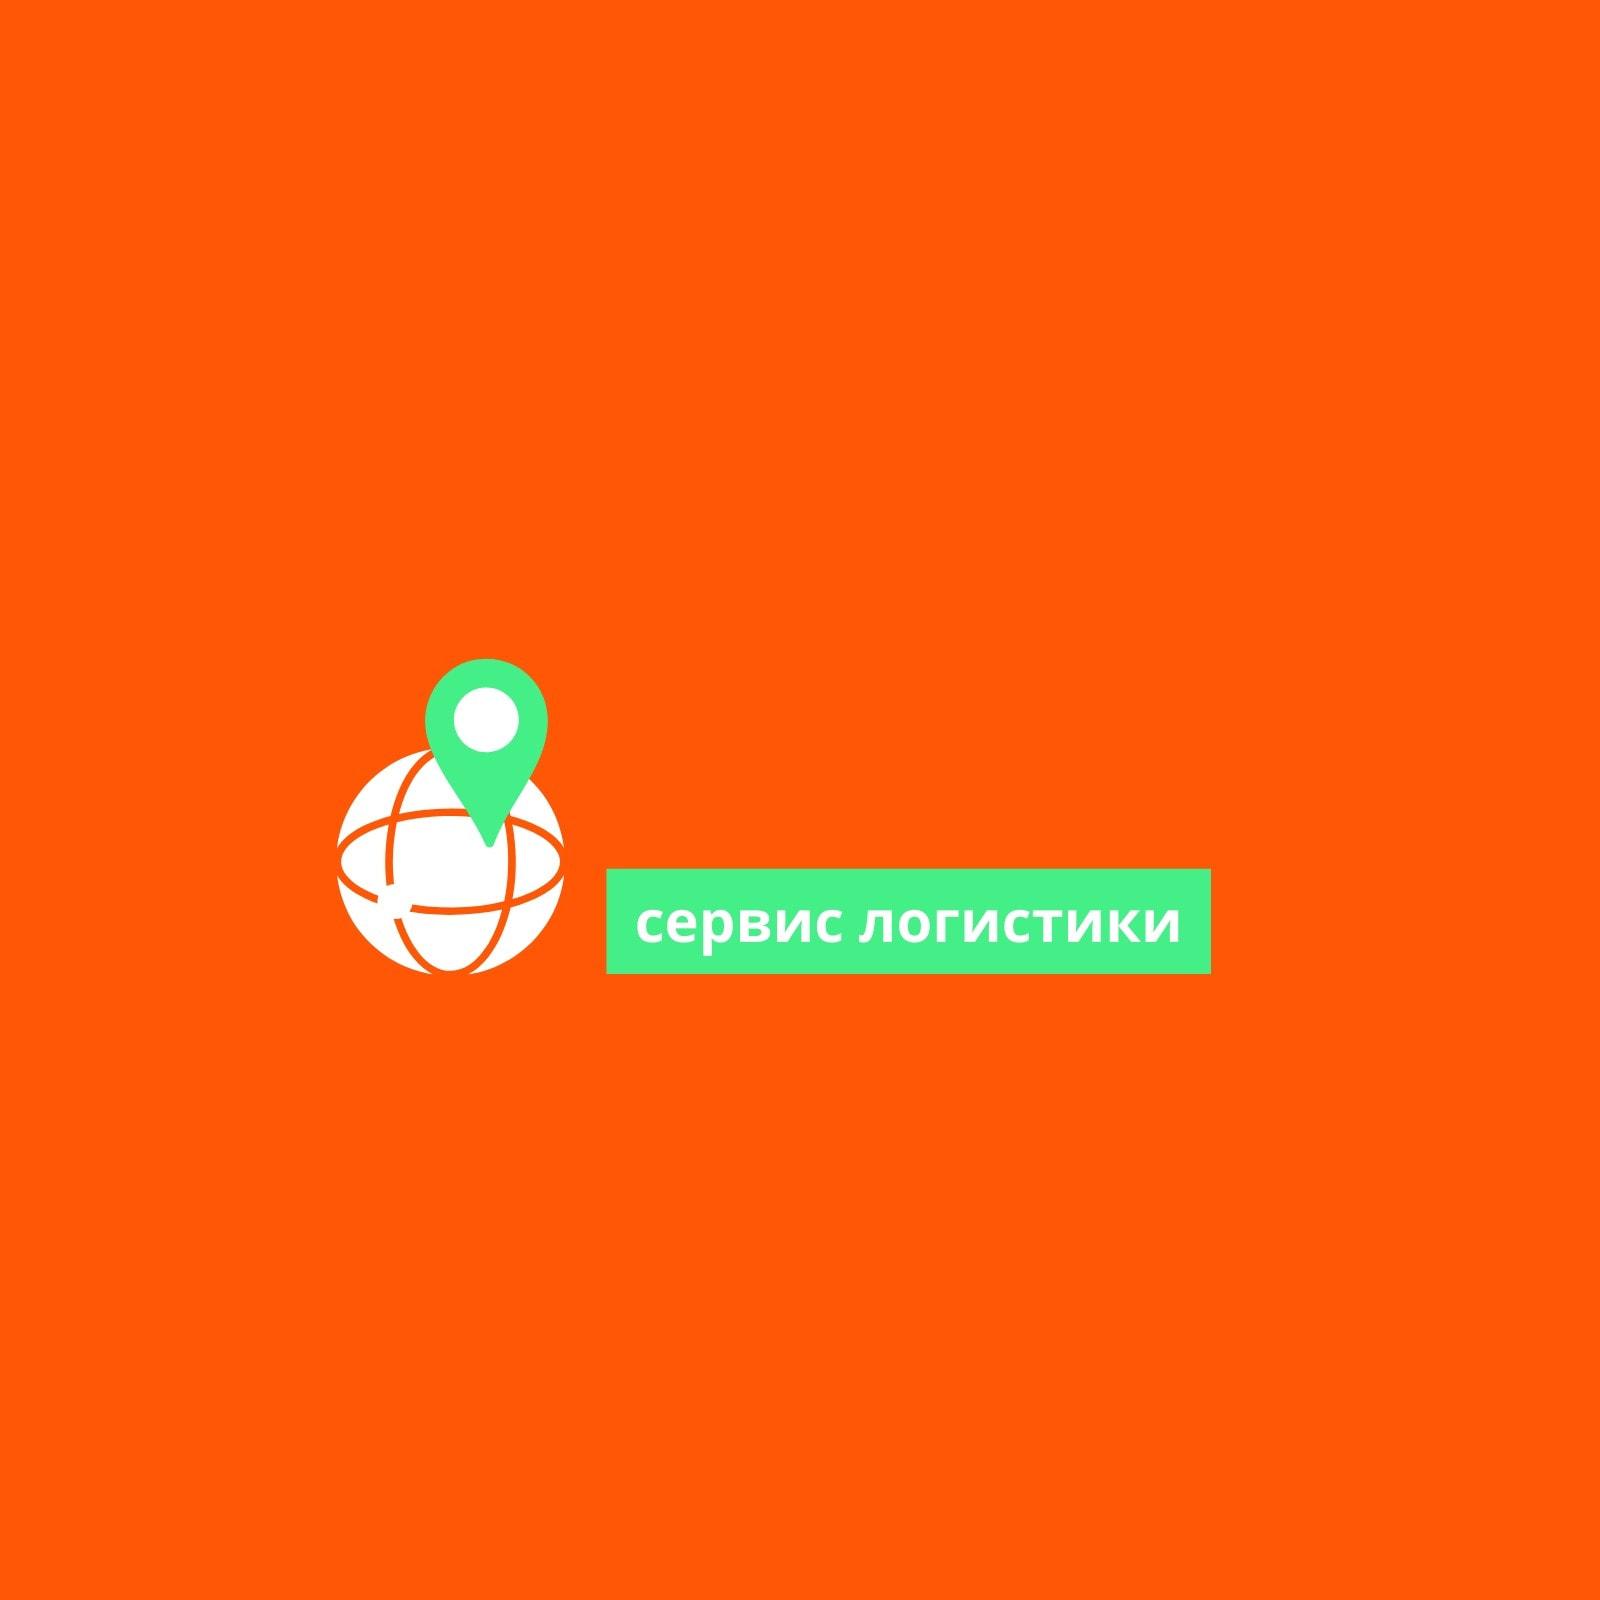 Бело-зеленый логотип с иконкой геолокации на оранжевом фоне